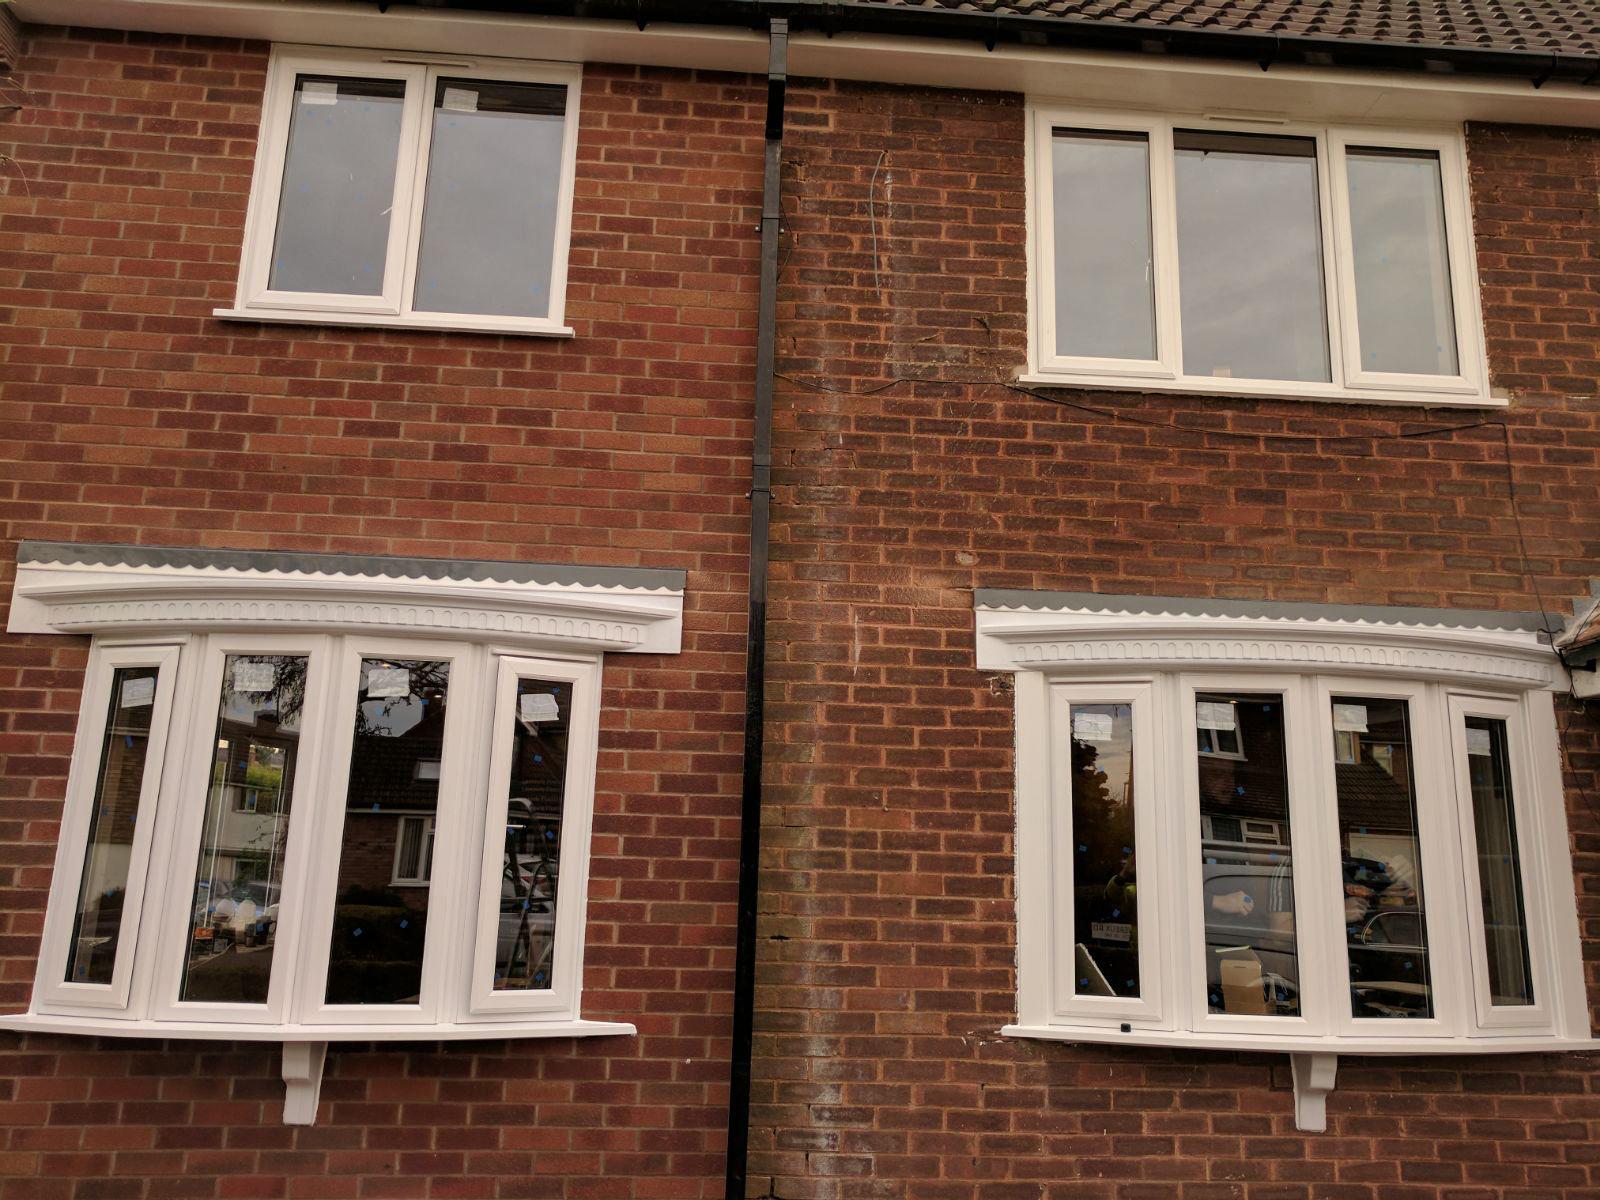 Pin By Prescot Door Window Centre On Casement Windows Casement Windows Outdoor Decor Casement